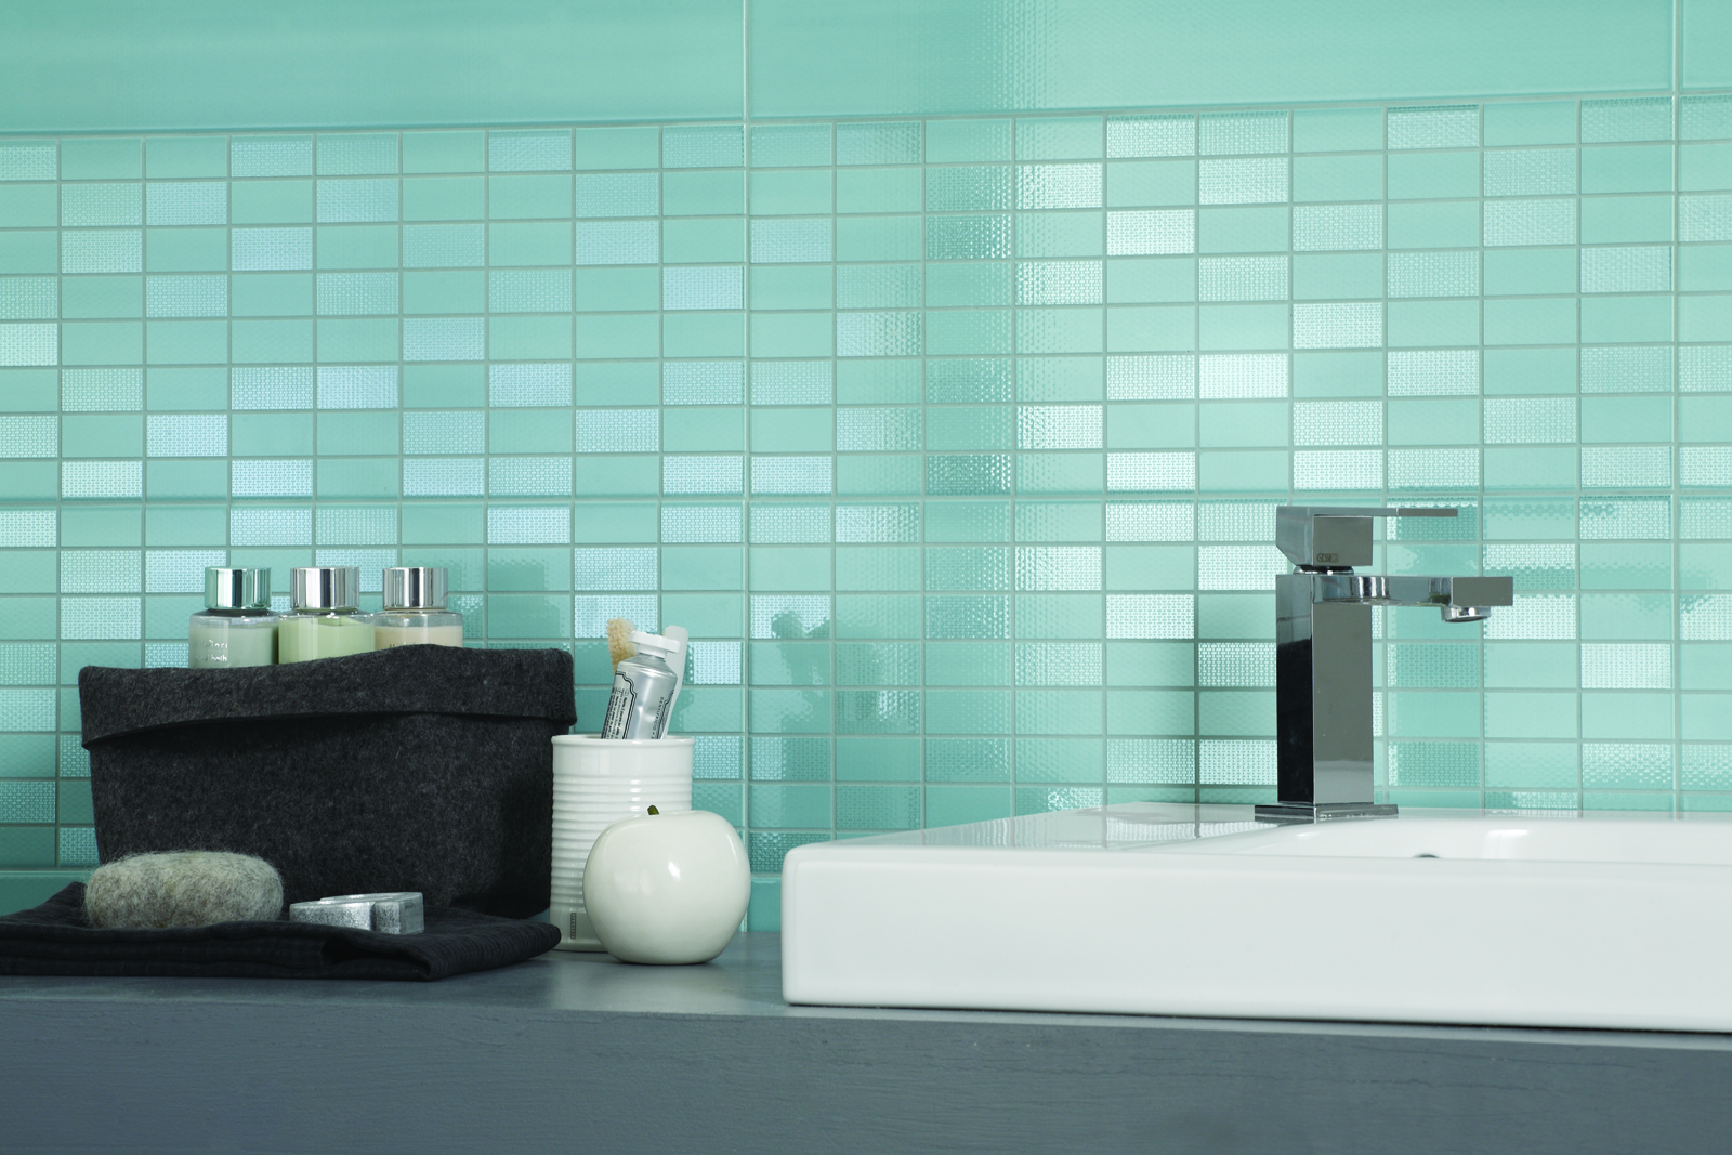 Nuance c ramique rev tements pour salle de bain marazzi for Ceramique pour salle de bain